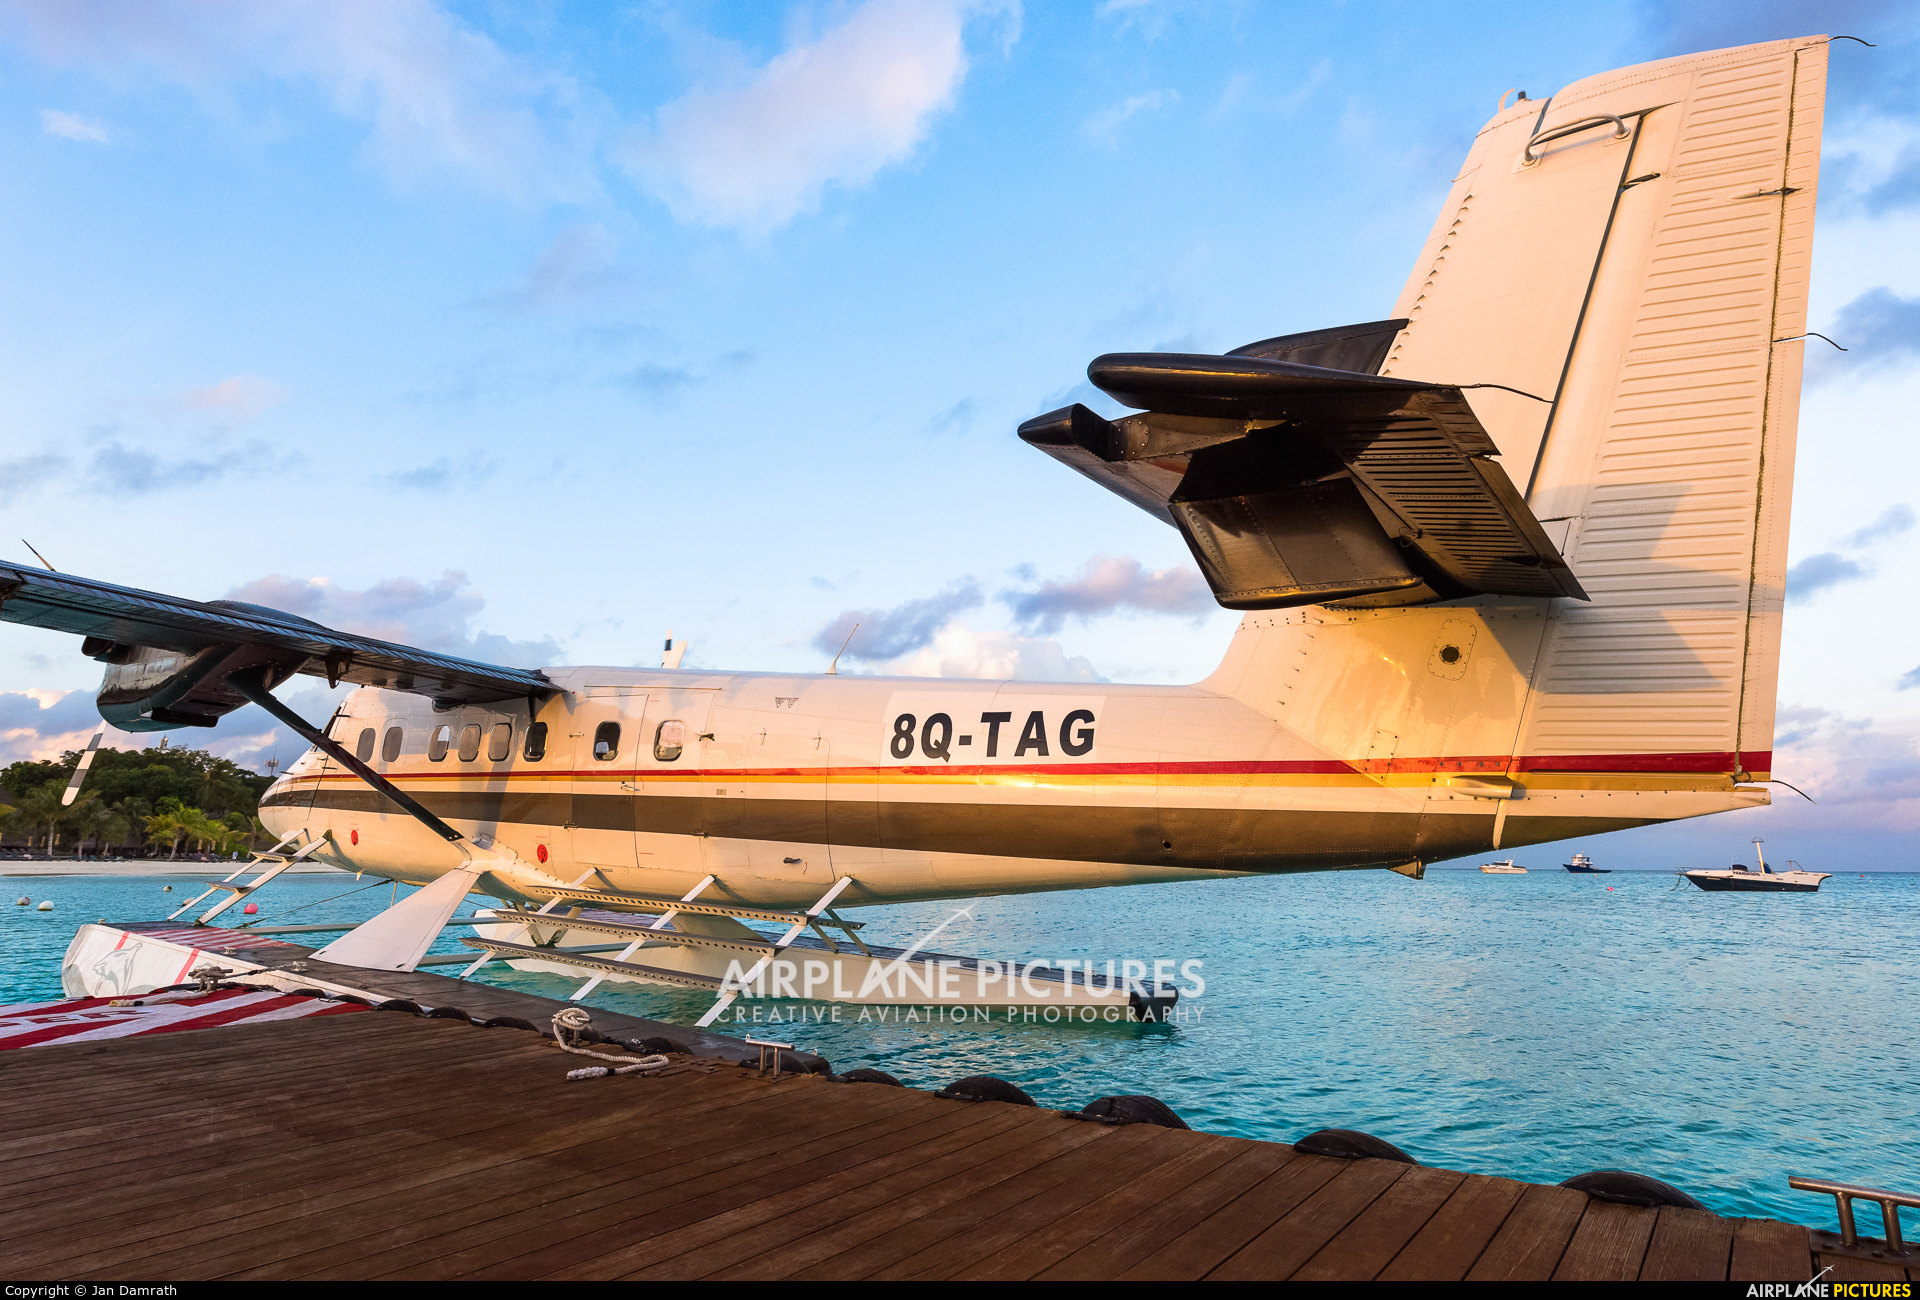 Trans Maldivian Airways - TMA 8Q-TAG aircraft at Off Airport - Maldives